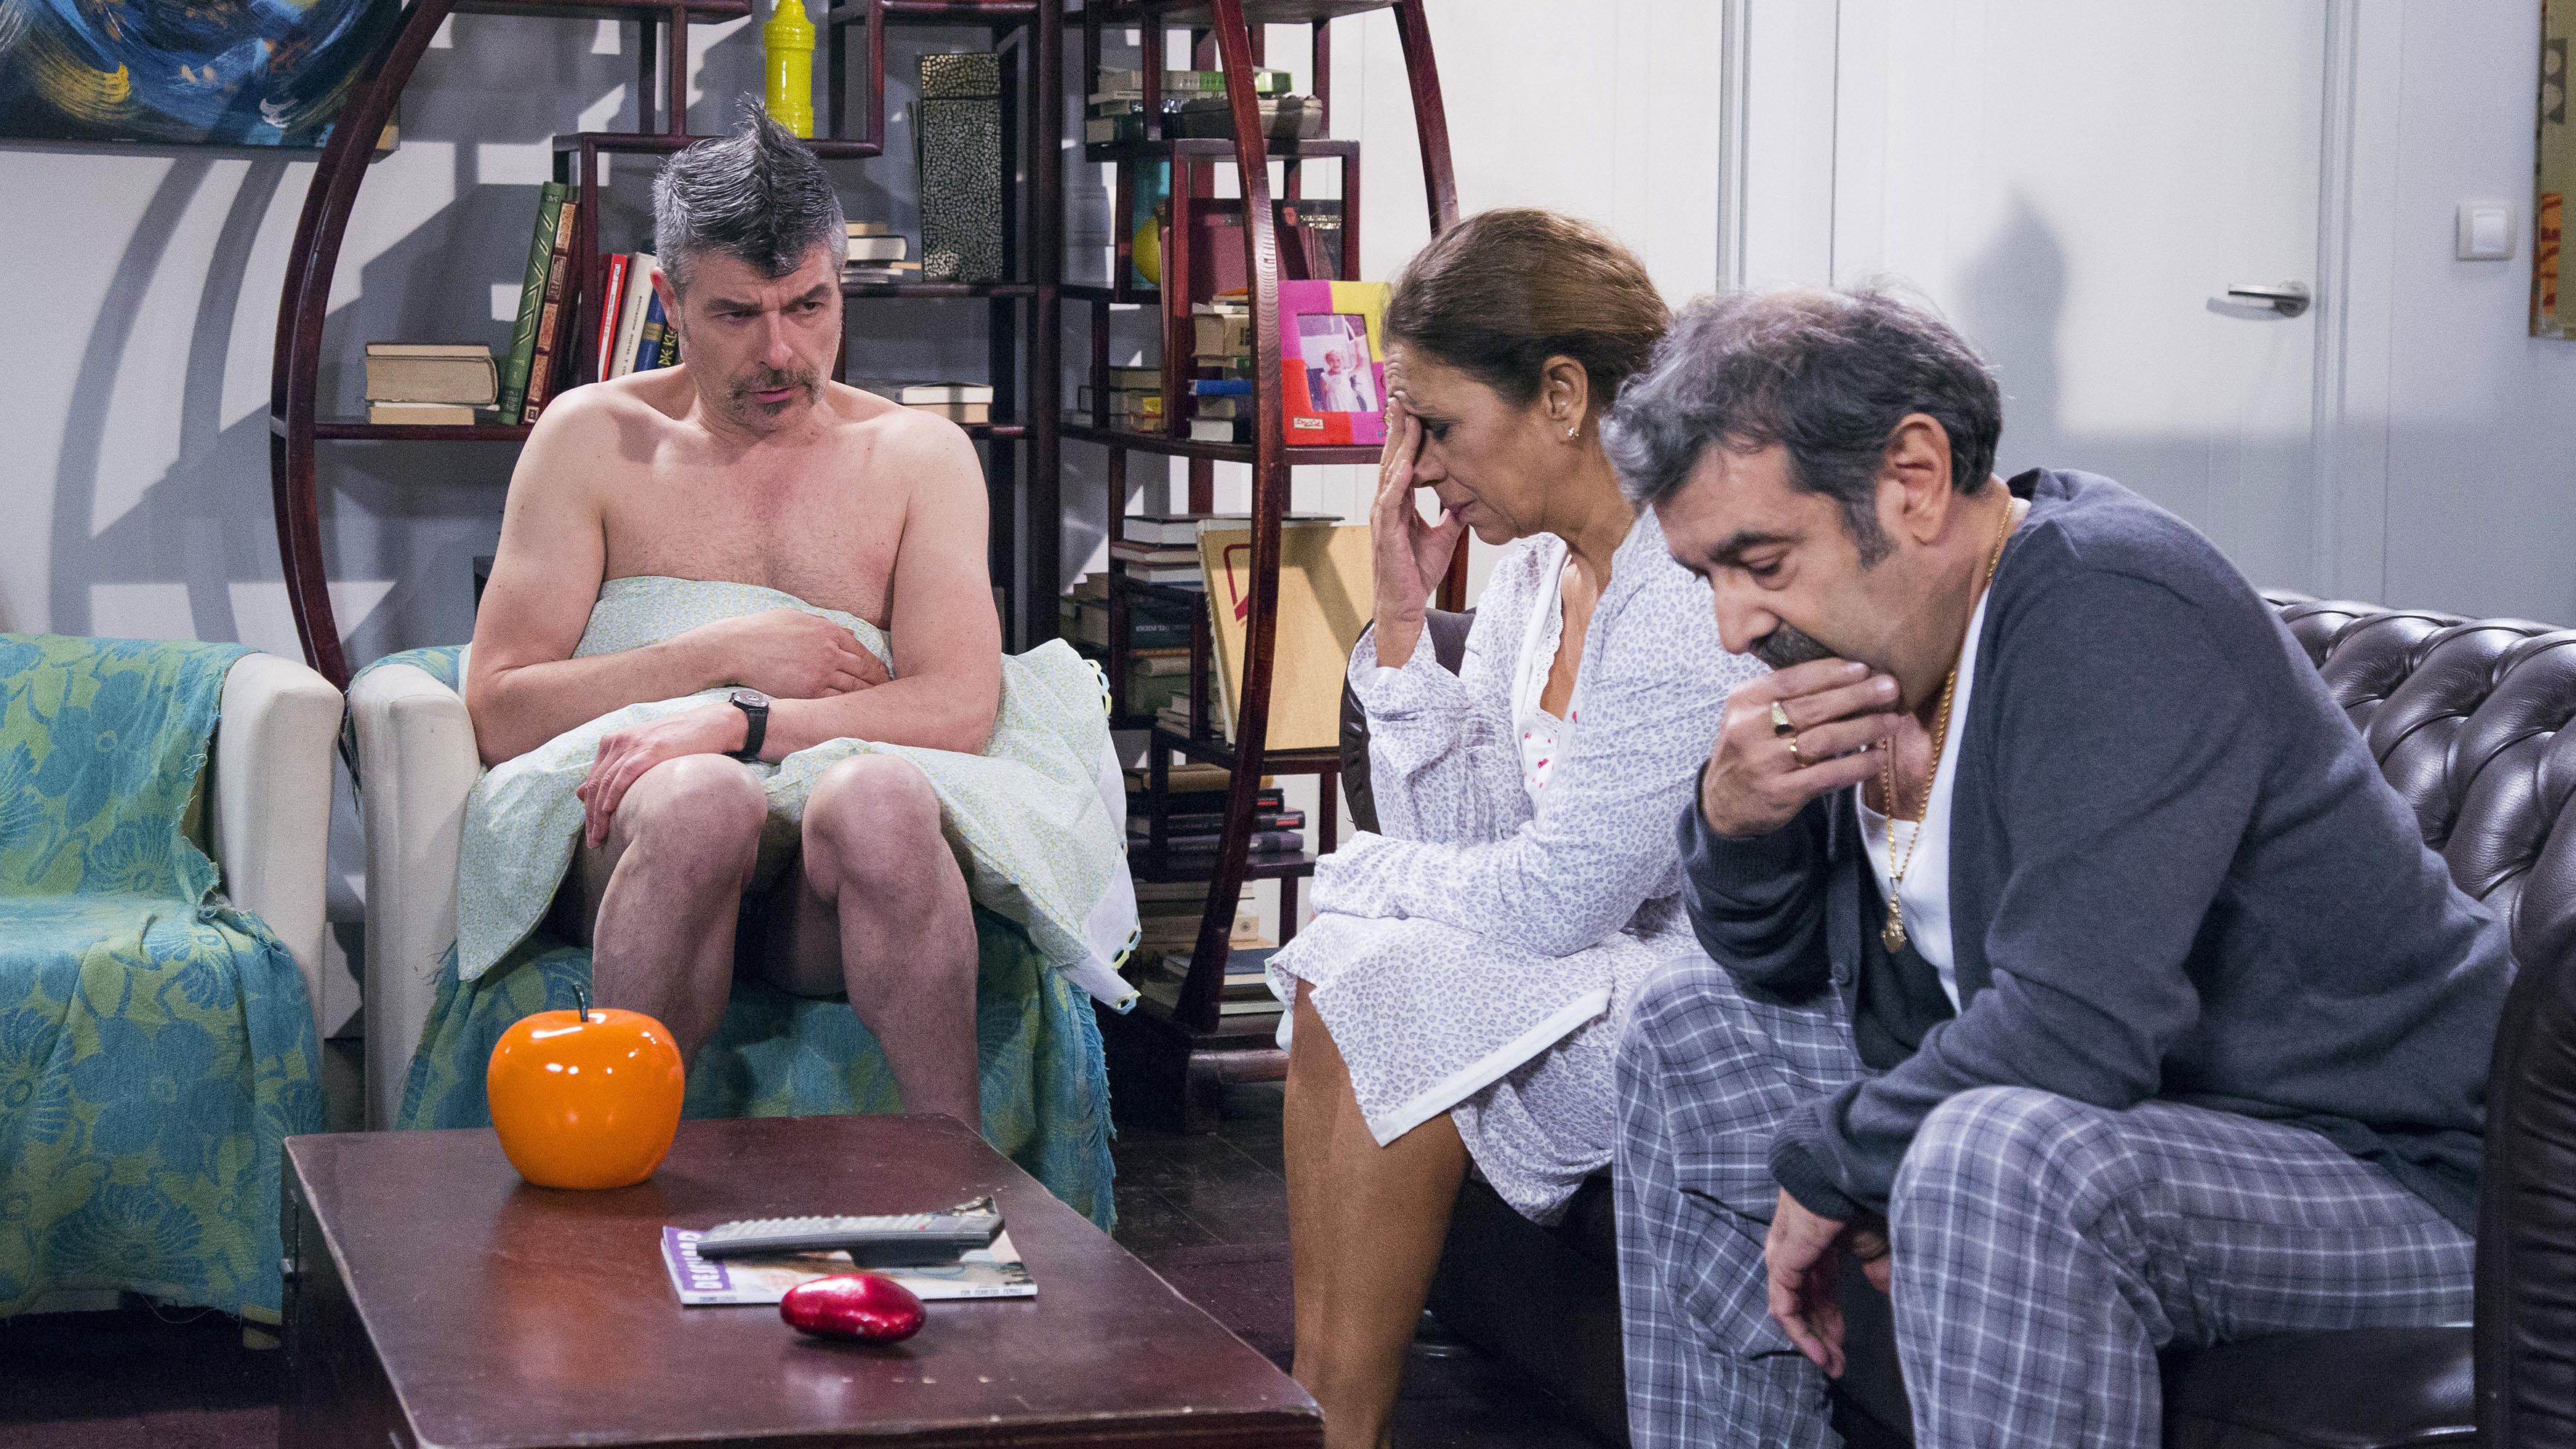 Actores La Que Se Avecina Porno d�cima temporada de lqsa: todos los cameos y fichajes de la